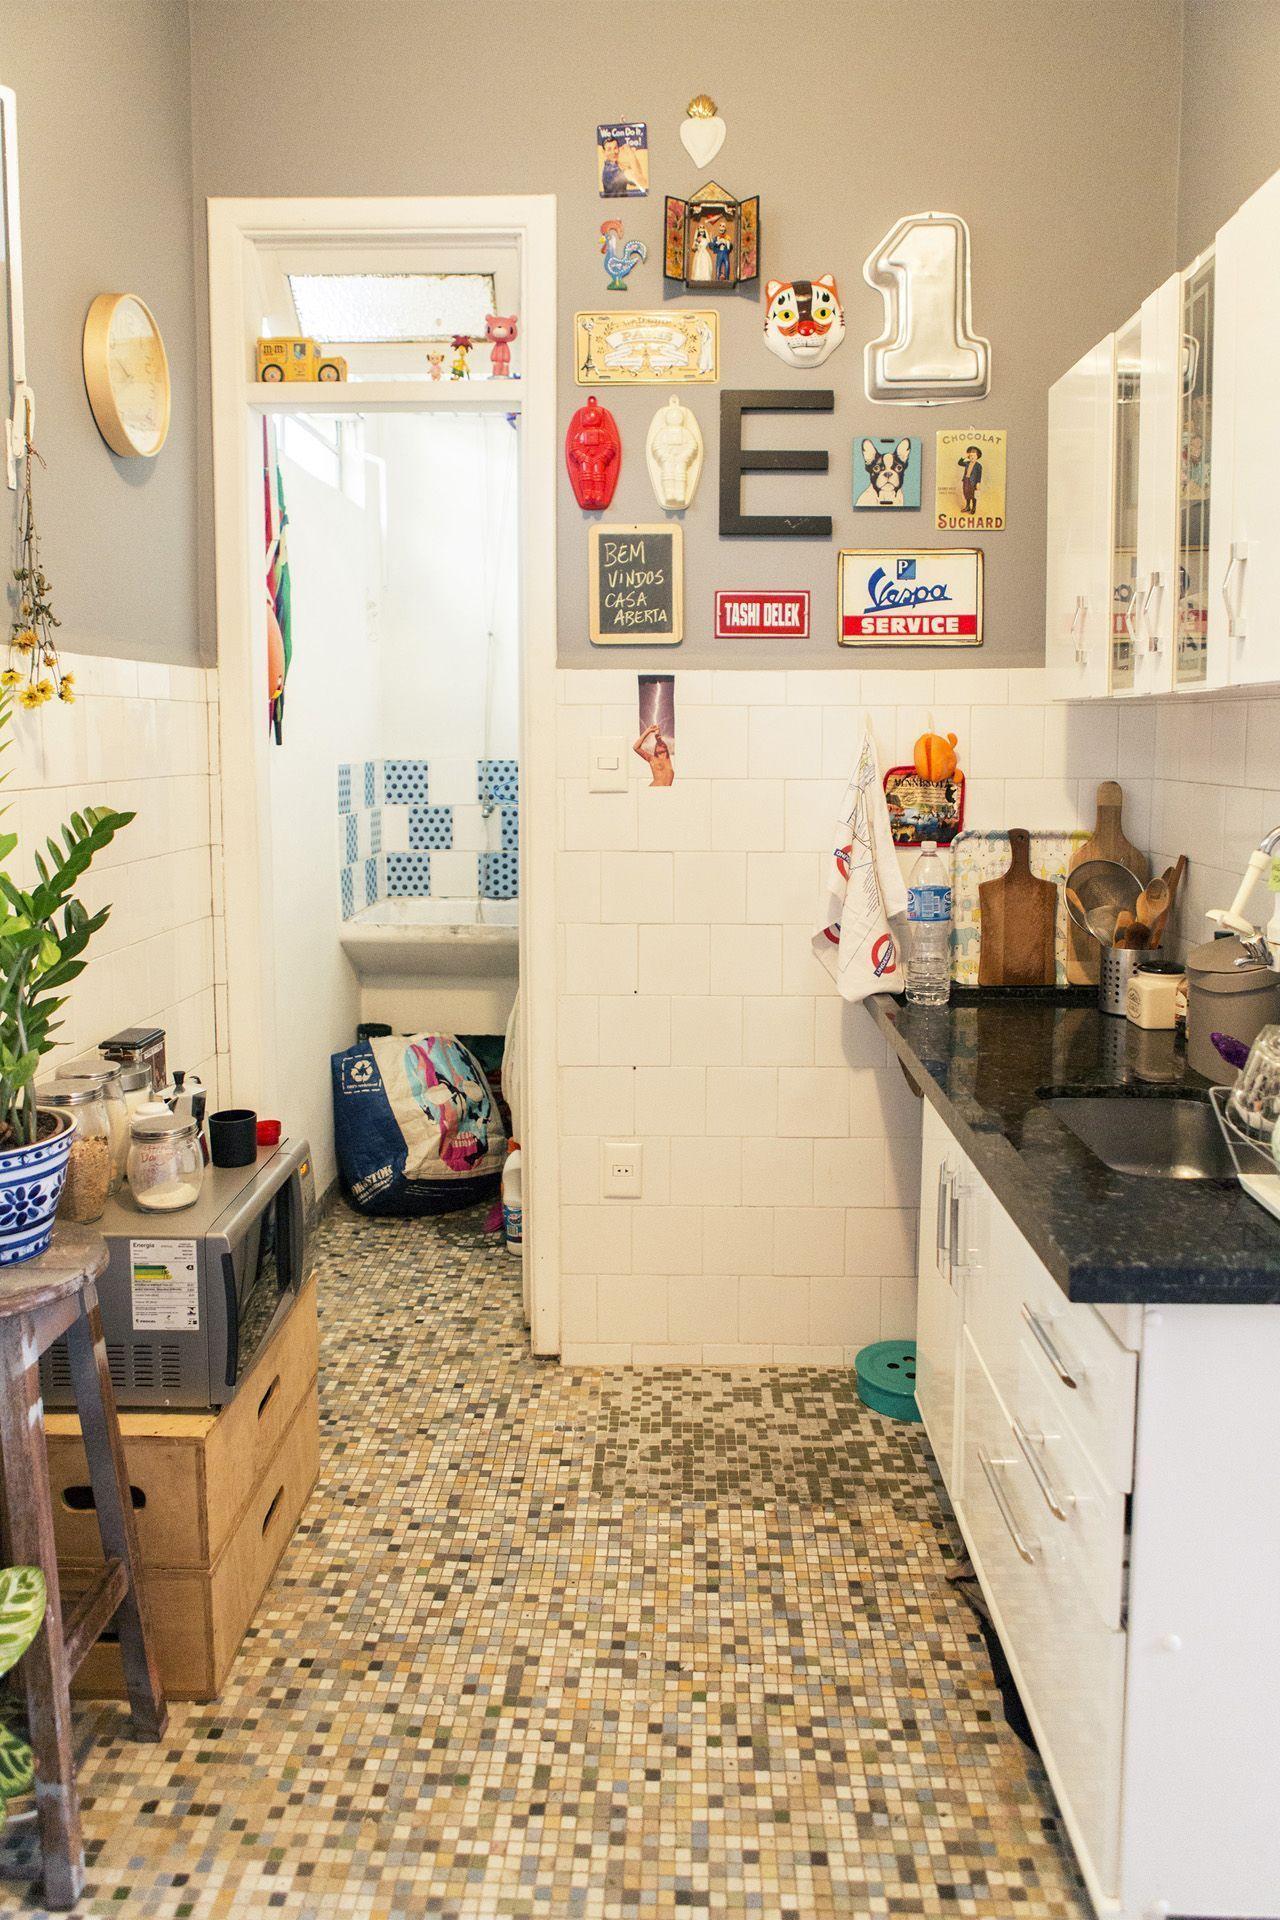 #AF1F1C Cozinhas Pequenas E Simples Related Keywords & Suggestions Cozinhas  1280x1920 px Decoração De Cozinha Simples_130 Imagens